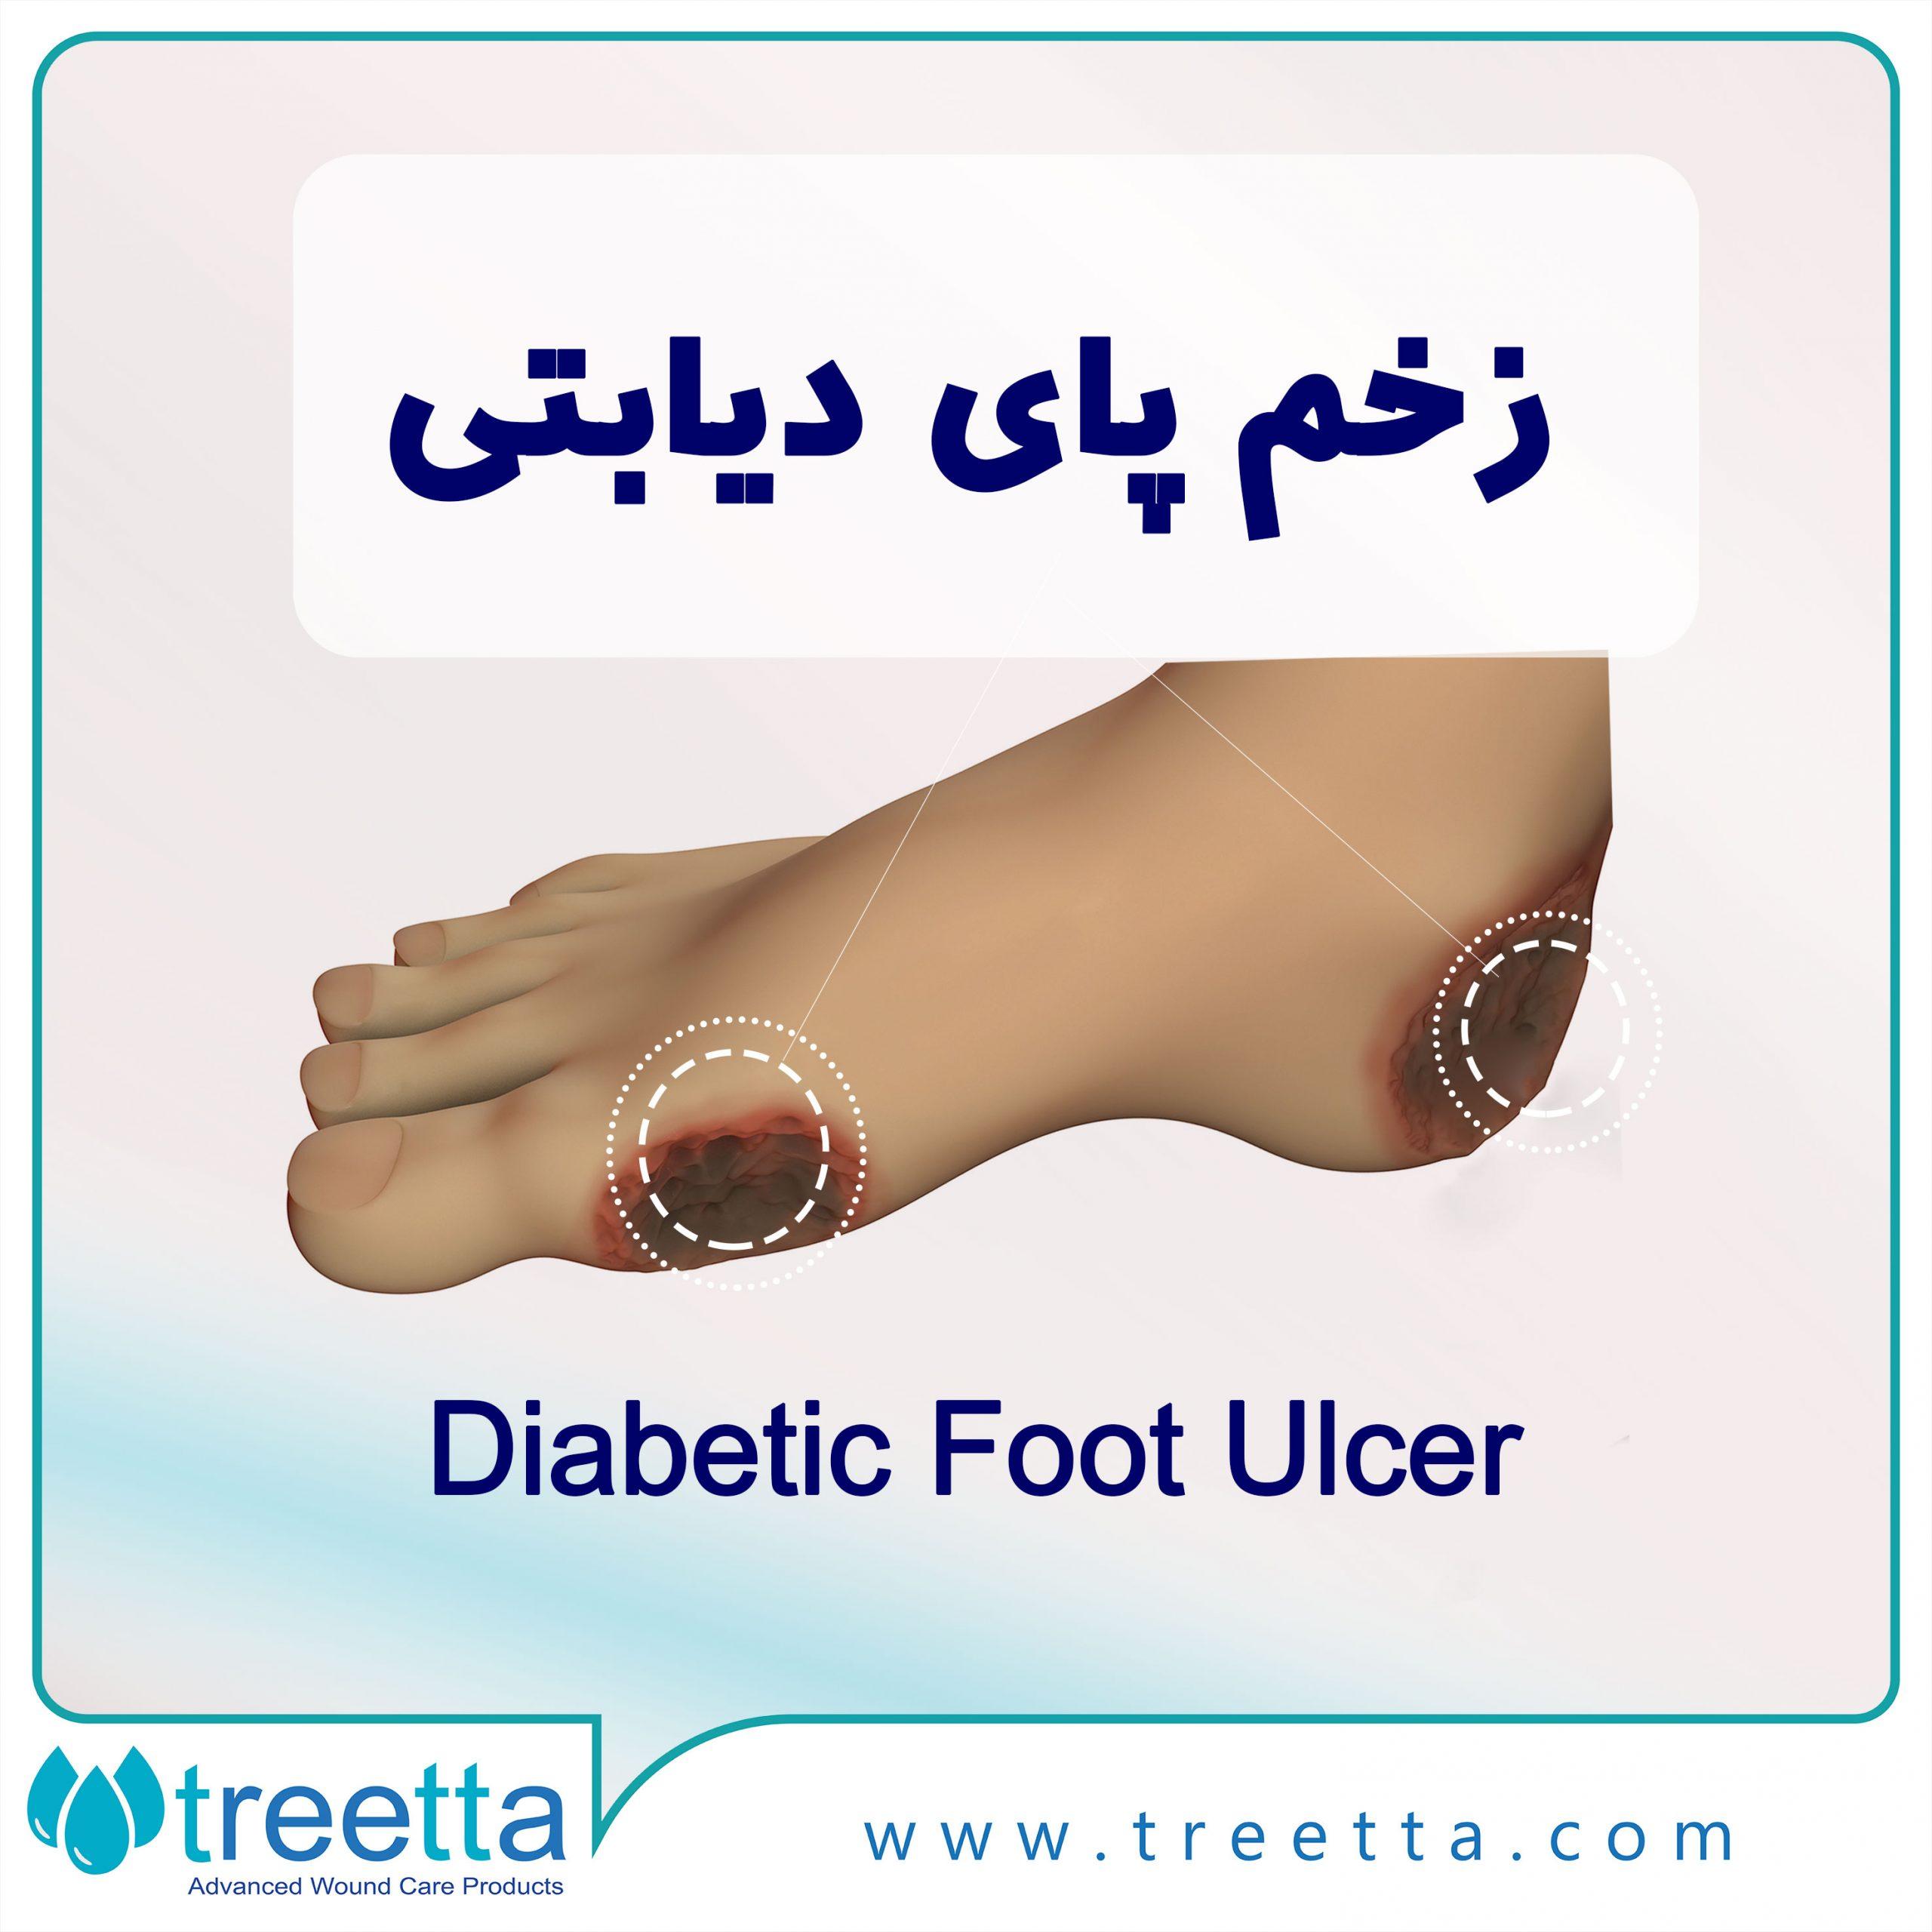 زخم پای دیابتی را بشناسید و به صورت قطعی درمان کنید